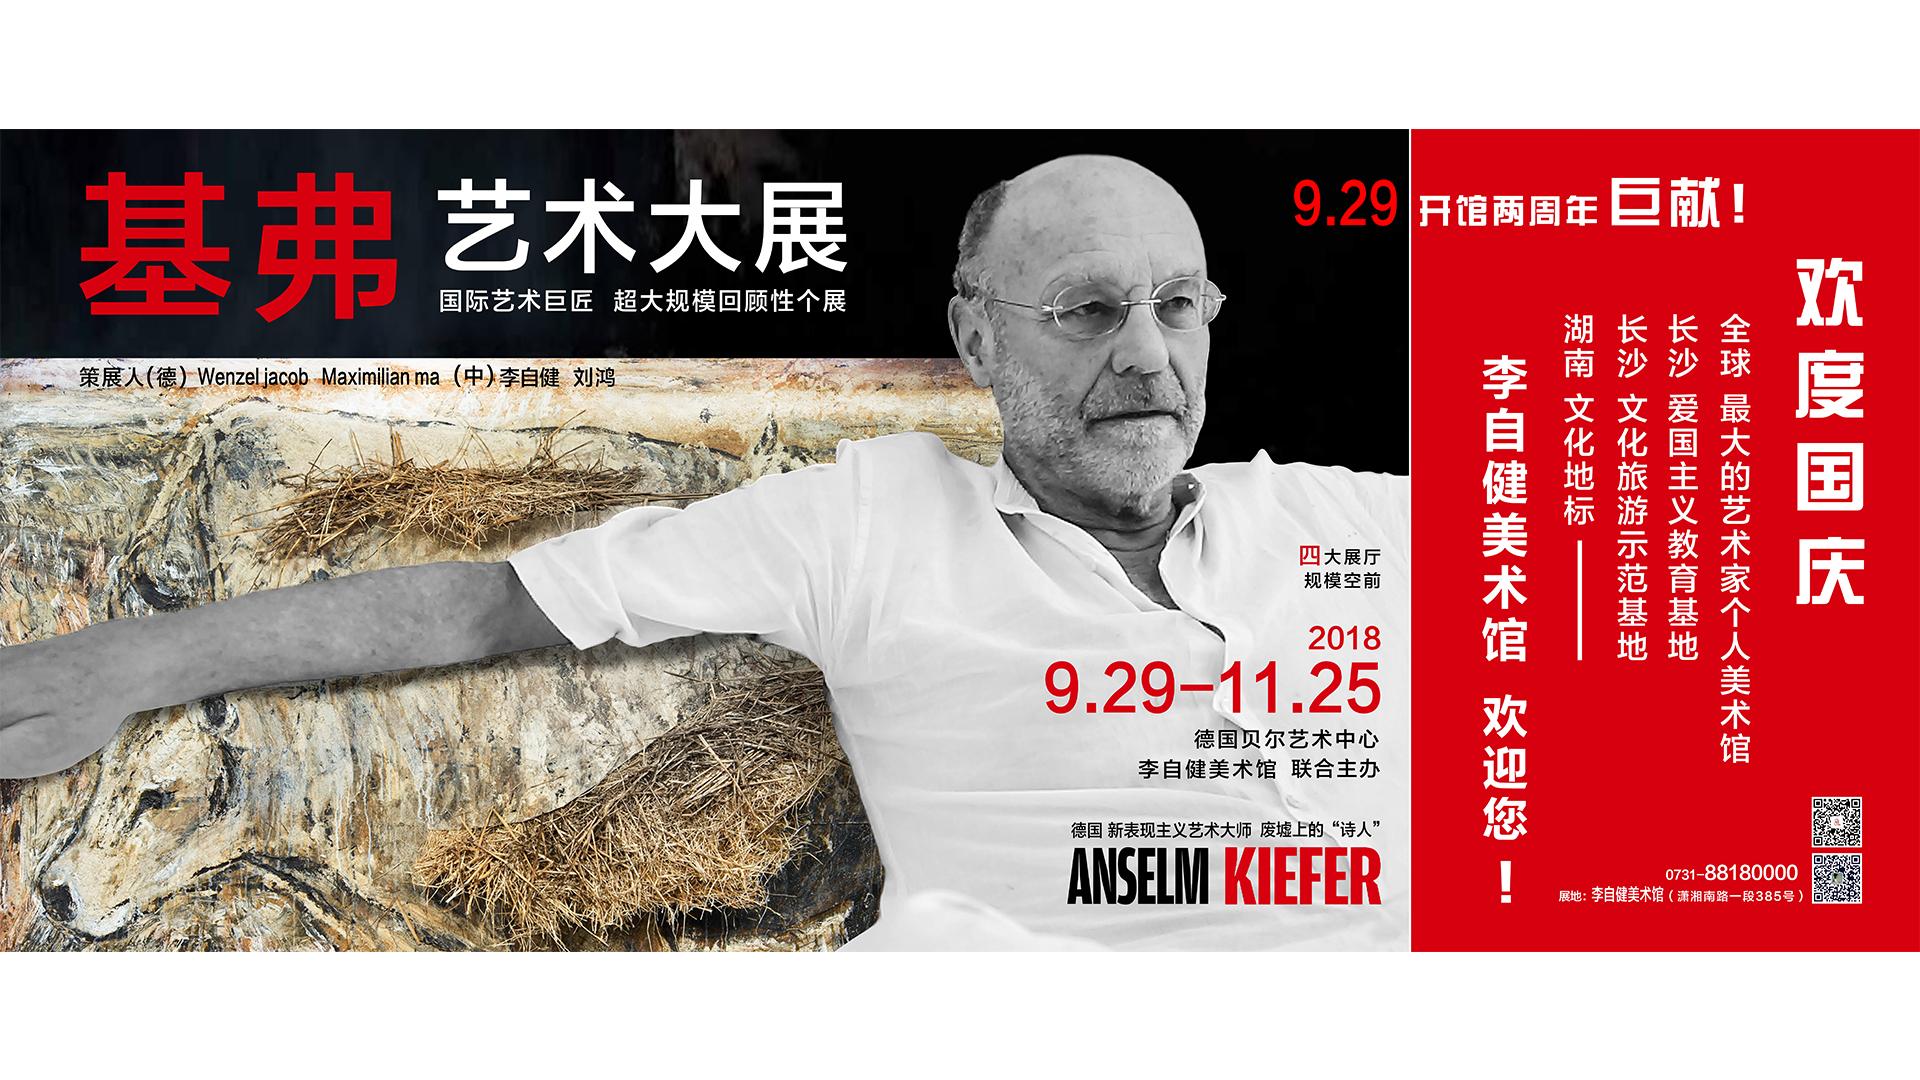 德国国际艺术巨匠——基弗艺术大展